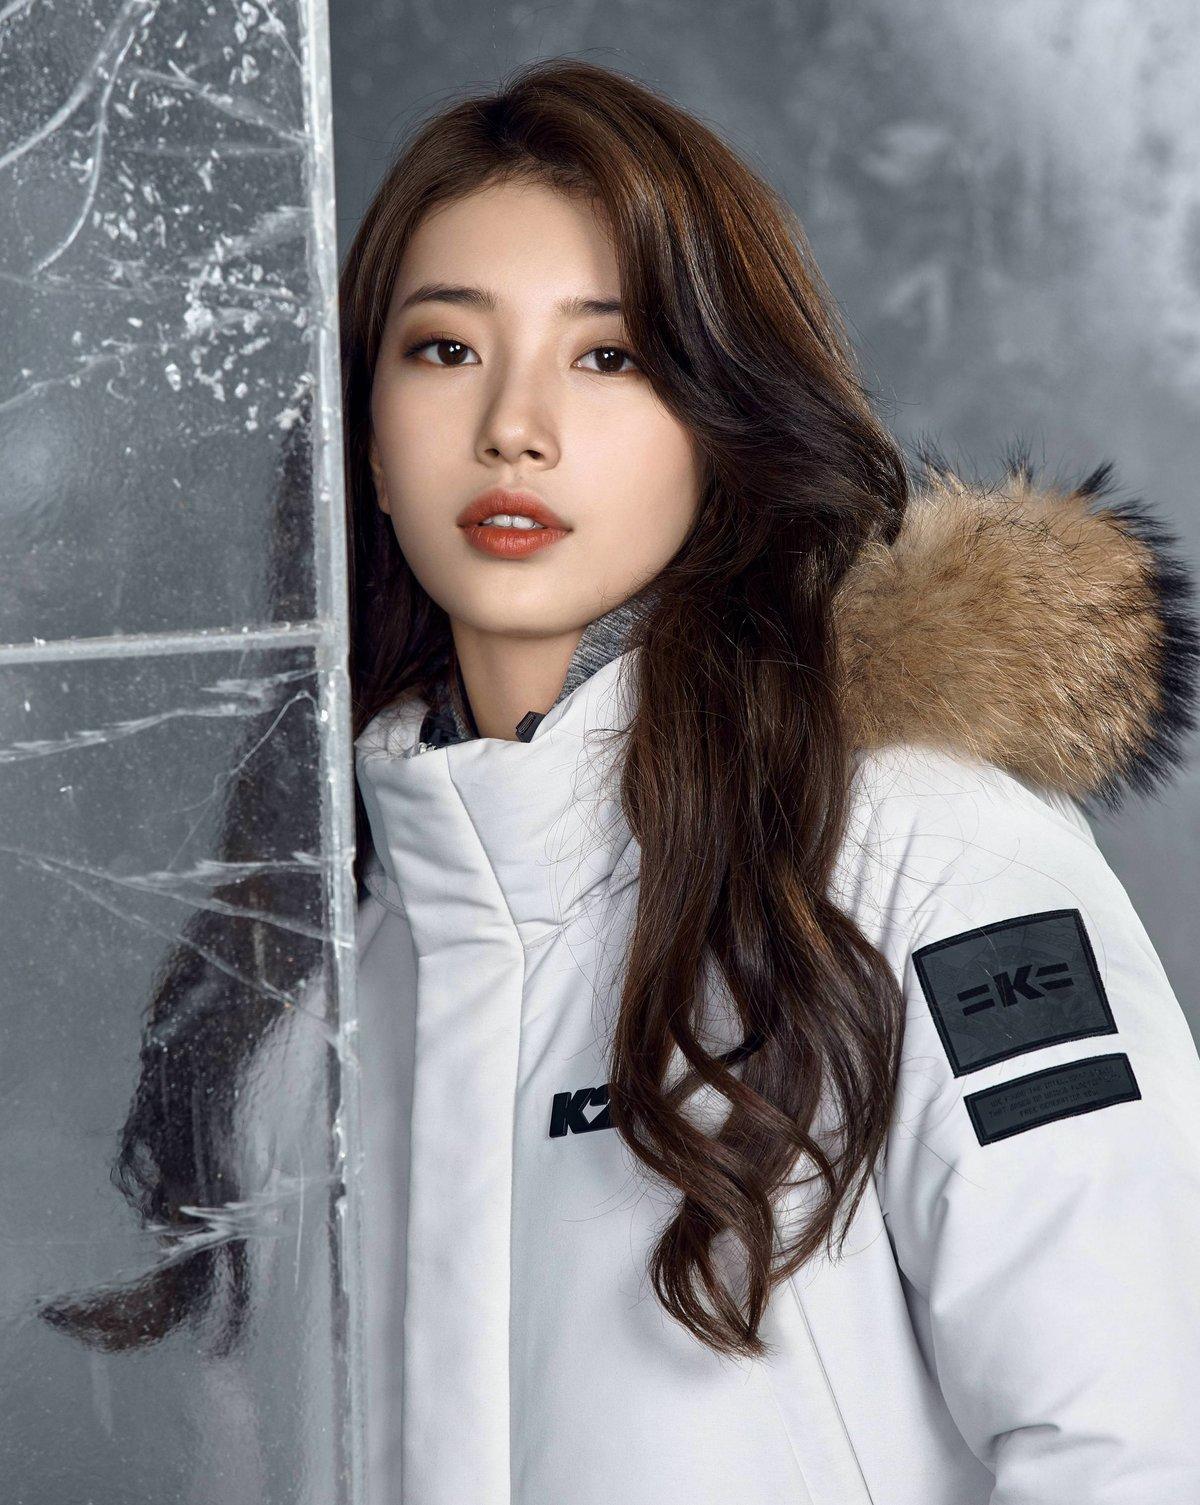 что сюзи корейская актриса фото это, хорошенько